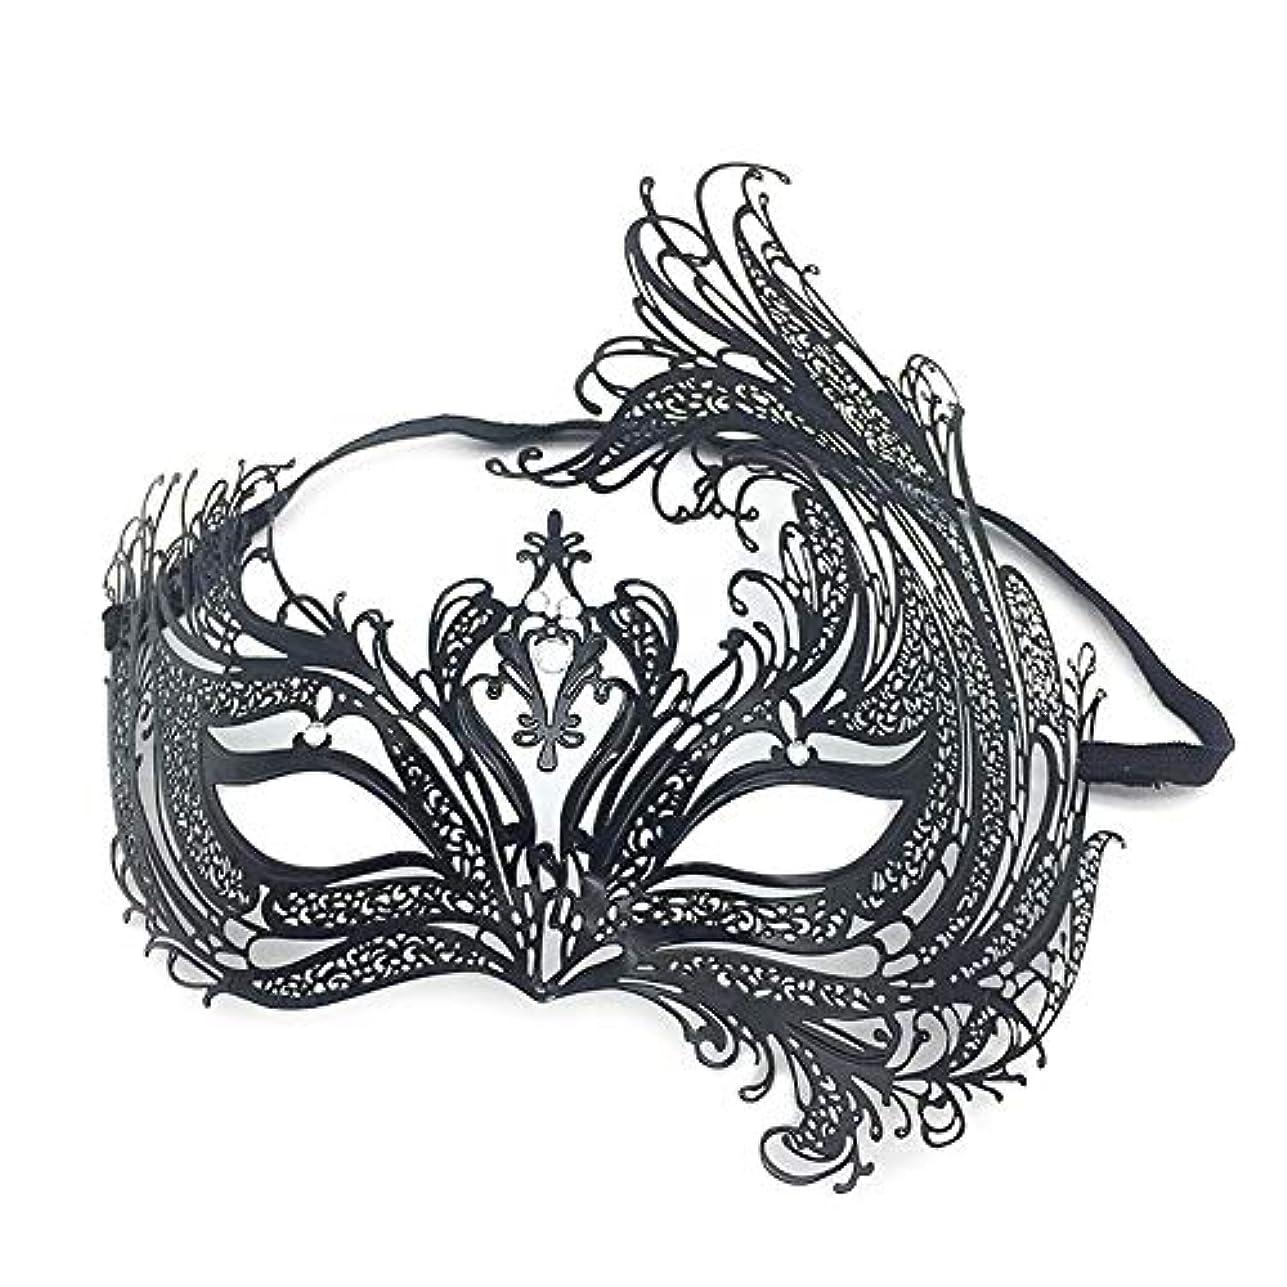 確立セラー馬鹿げたダンスマスク 仮面舞踏会パーティーブラックセクシーハーフフェイスフェニックスハロウィーンロールプレイングメタルマスクガール ホリデーパーティー用品 (色 : ブラック, サイズ : 20x19cm)